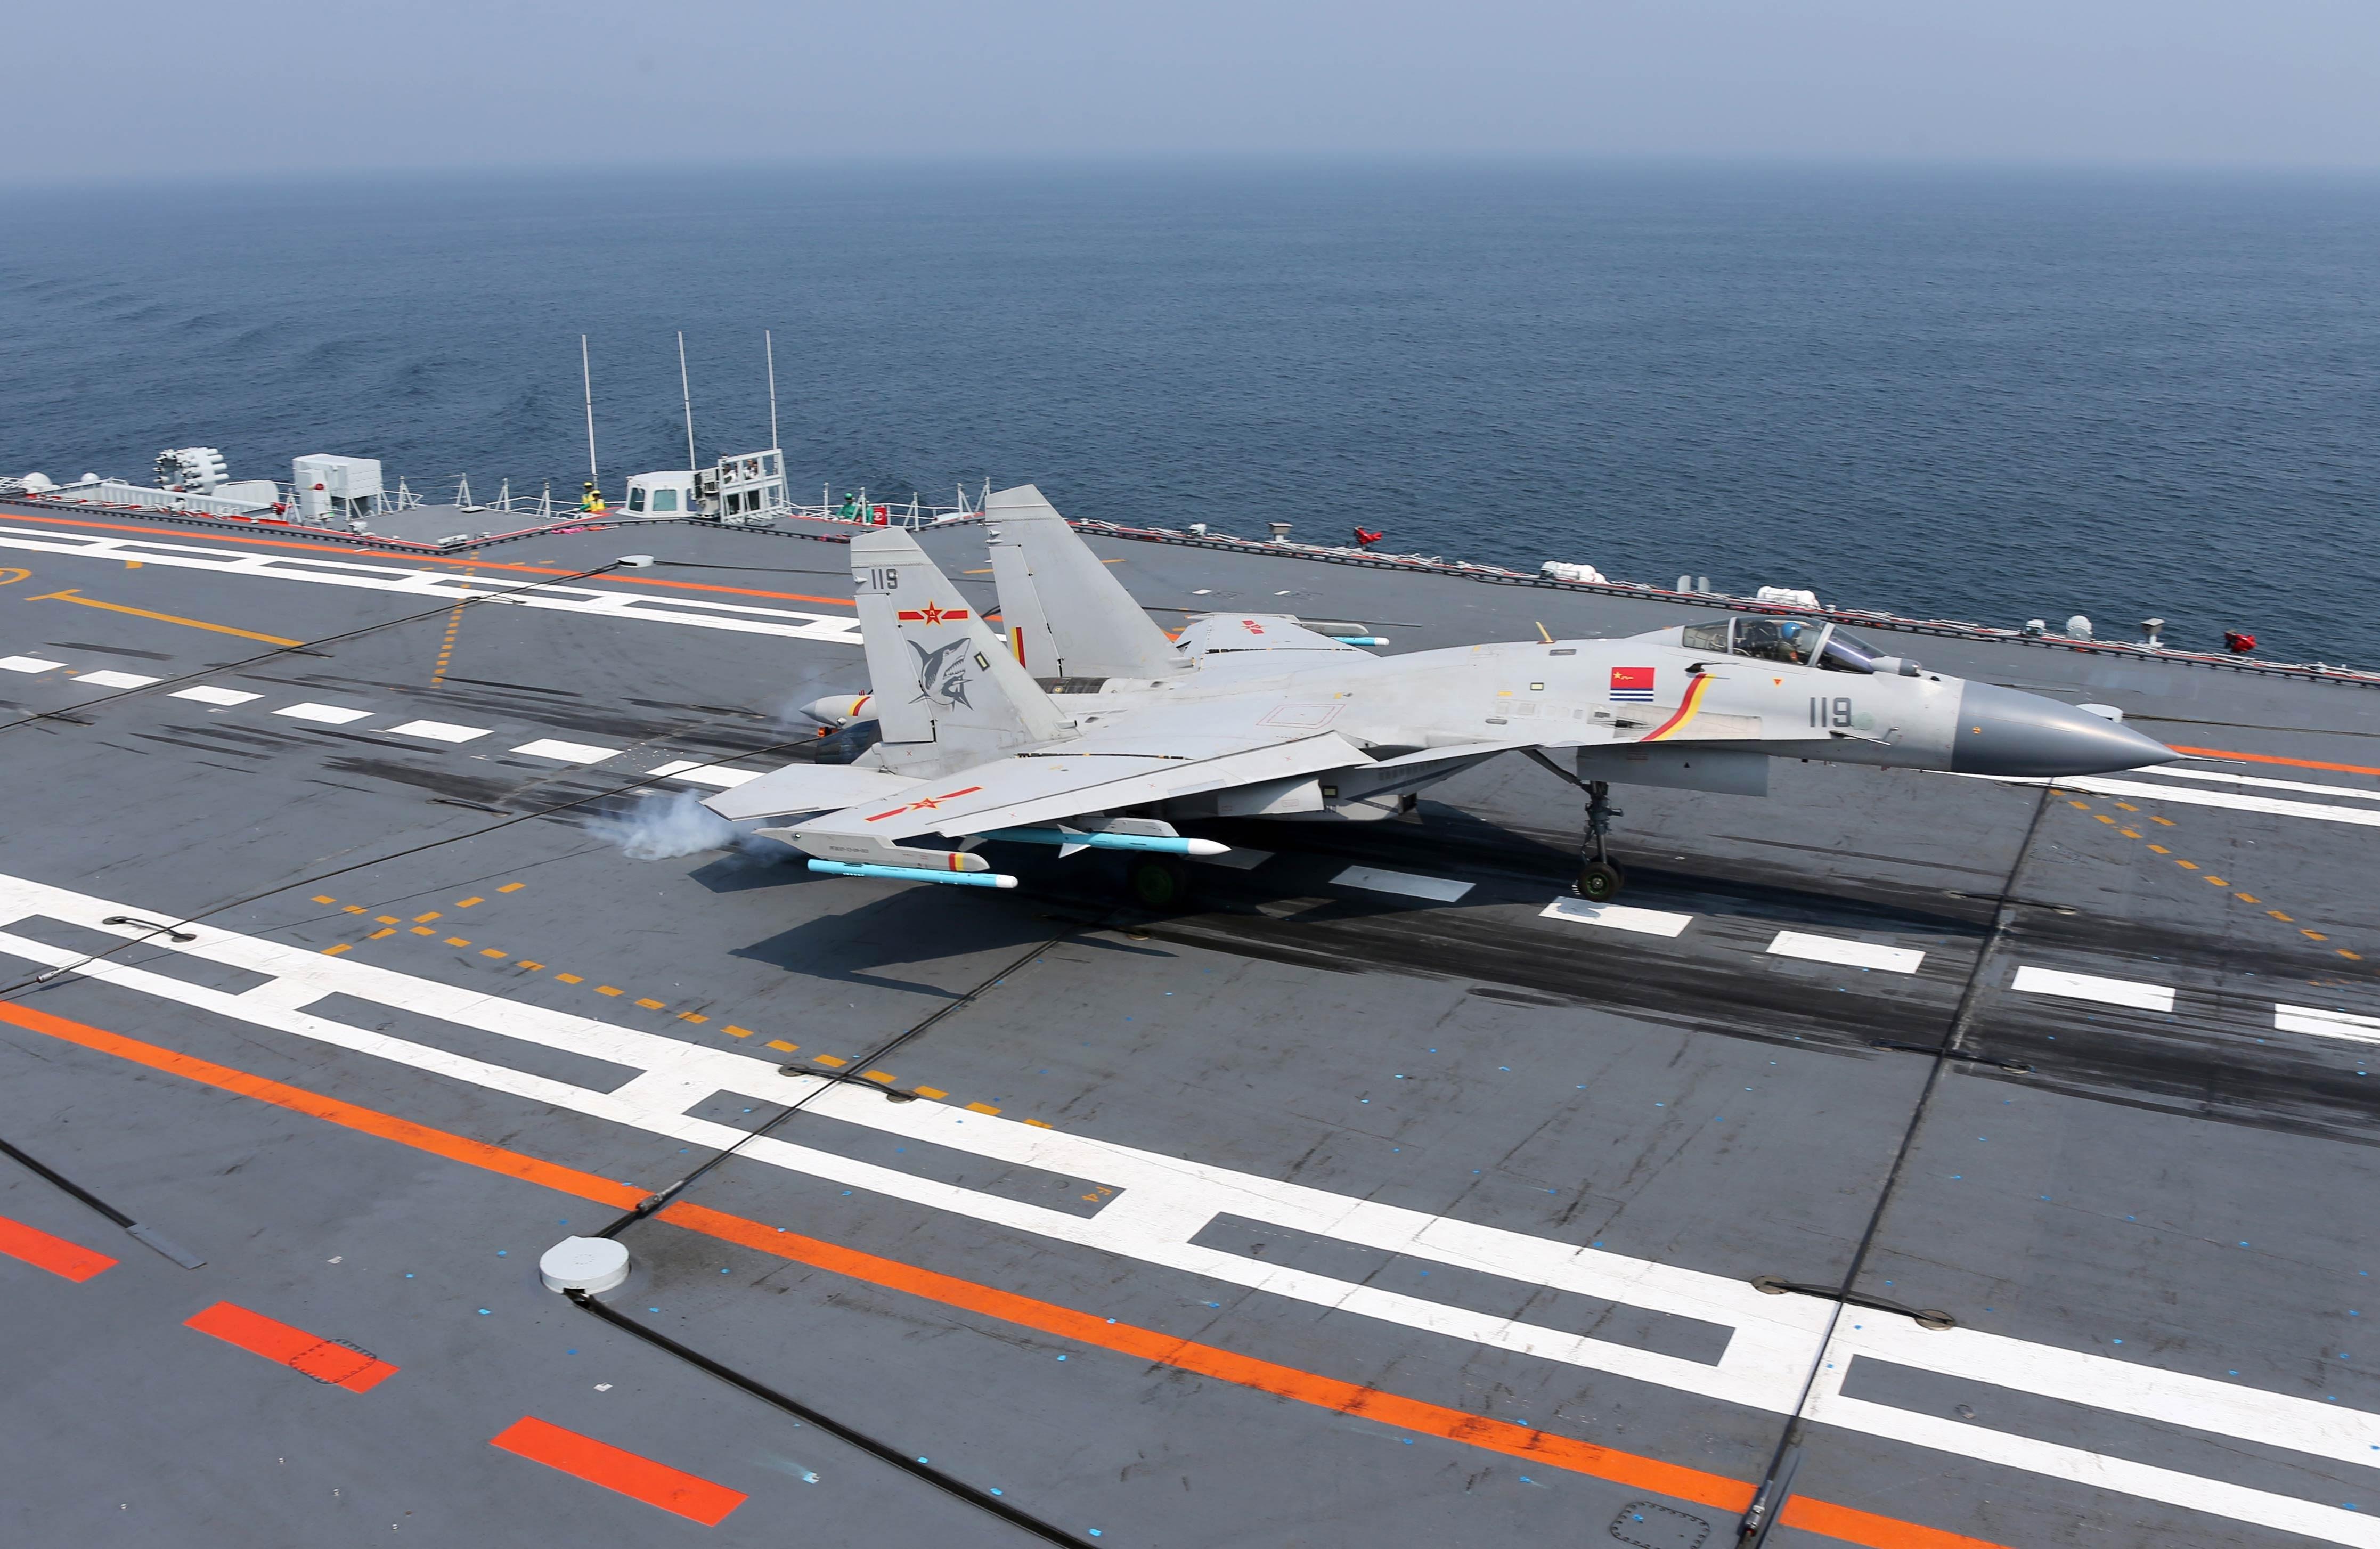 近日,中国航母编队巡航训练高清照曝光,装备细节一览无余.